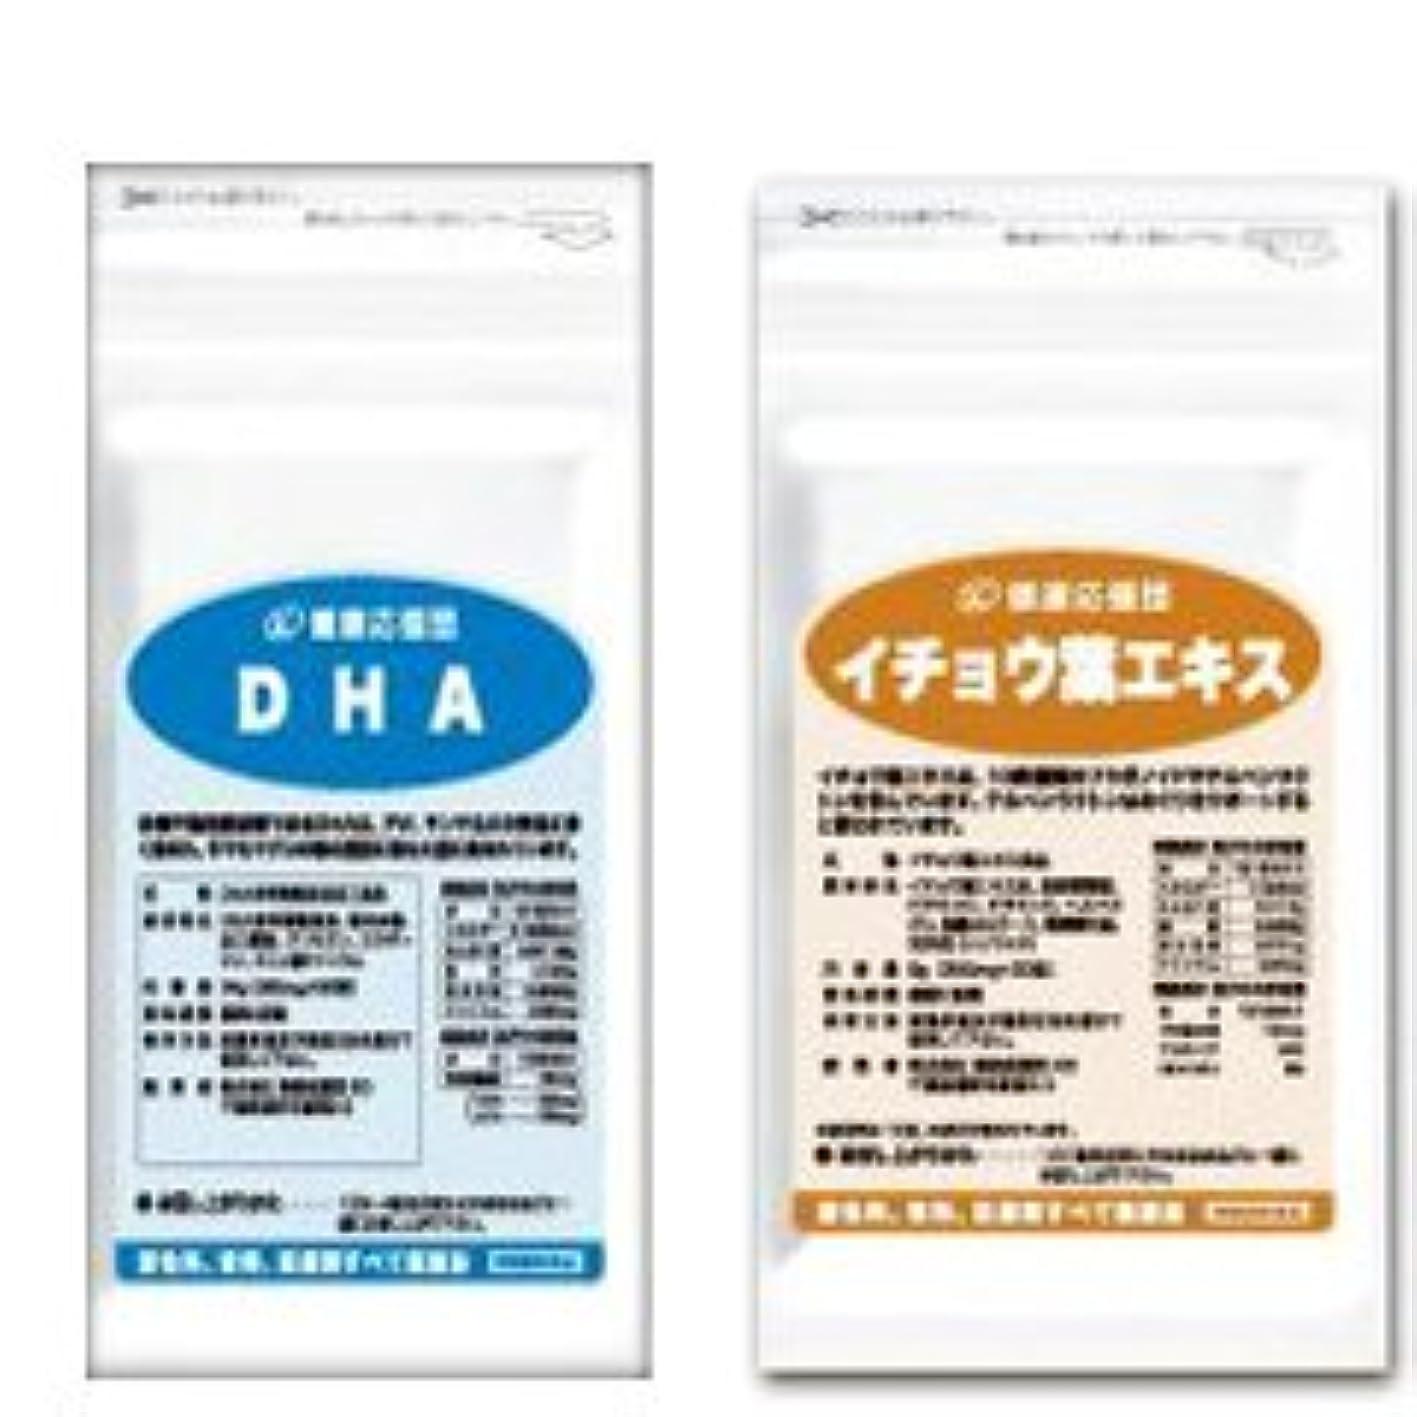 排出なぜなら結紮(お徳用6か月分)サラサラ巡りセット DHA + イチョウ葉エキス 6袋セット (DHA?EPA?イチョウ葉?ビタミンC?ビタミンE?ビタミンP配合)